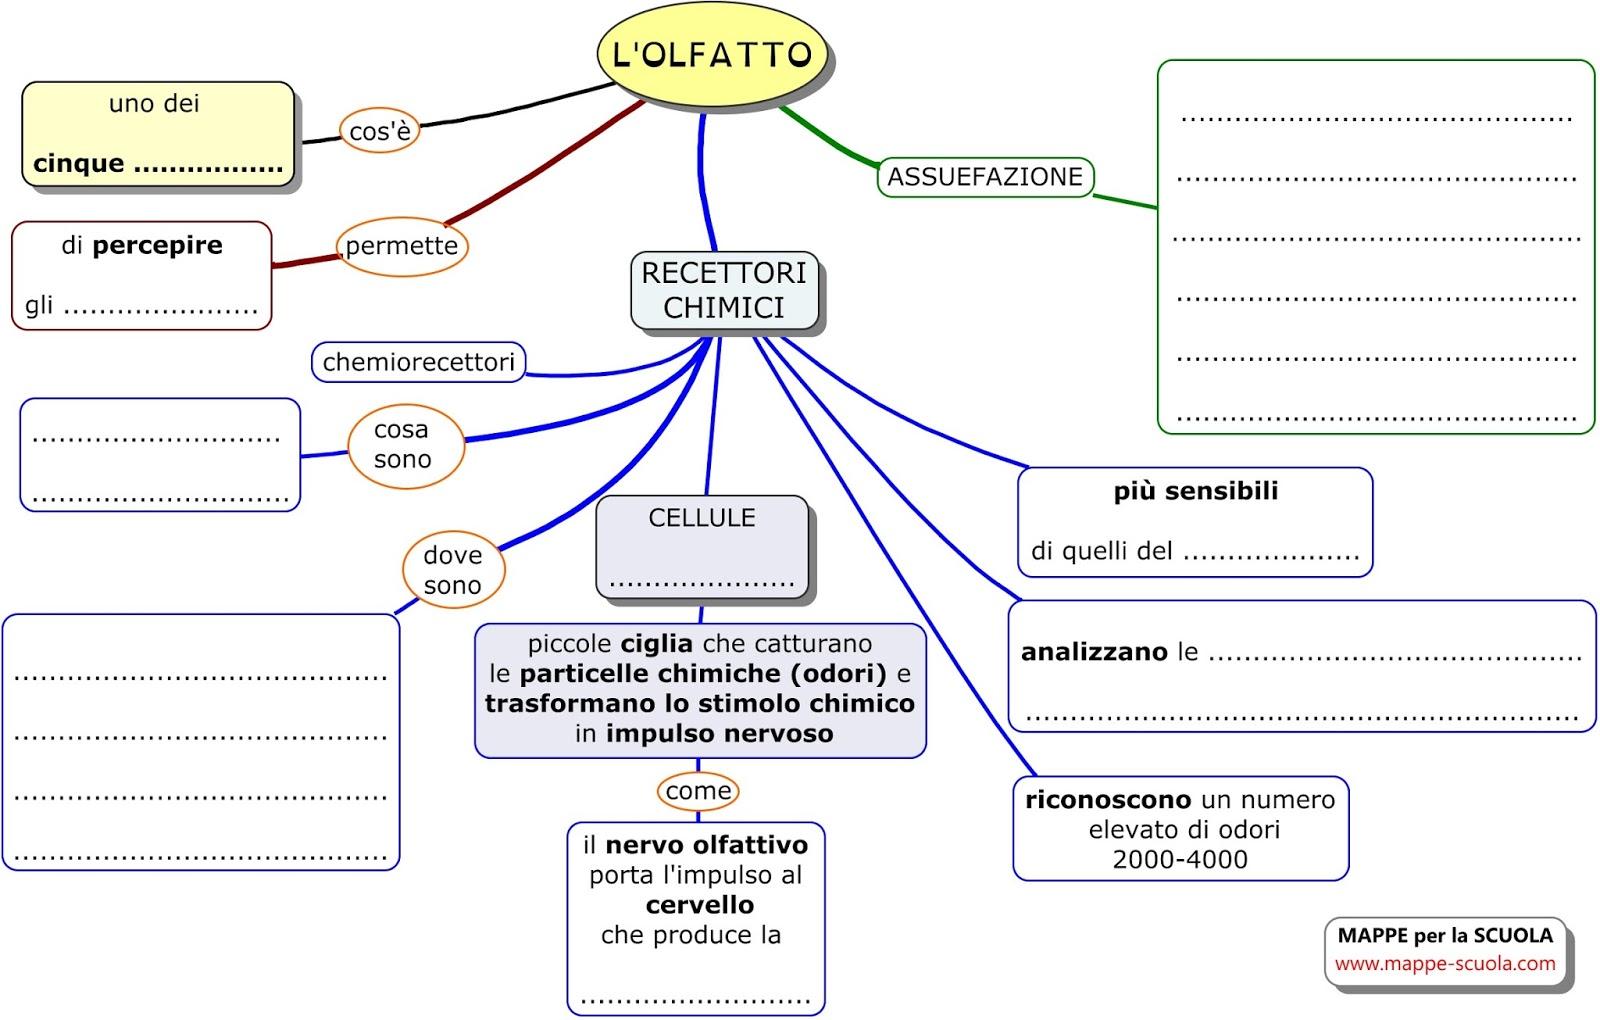 Preferenza MAPPE per la SCUOLA: L'OLFATTO CH72